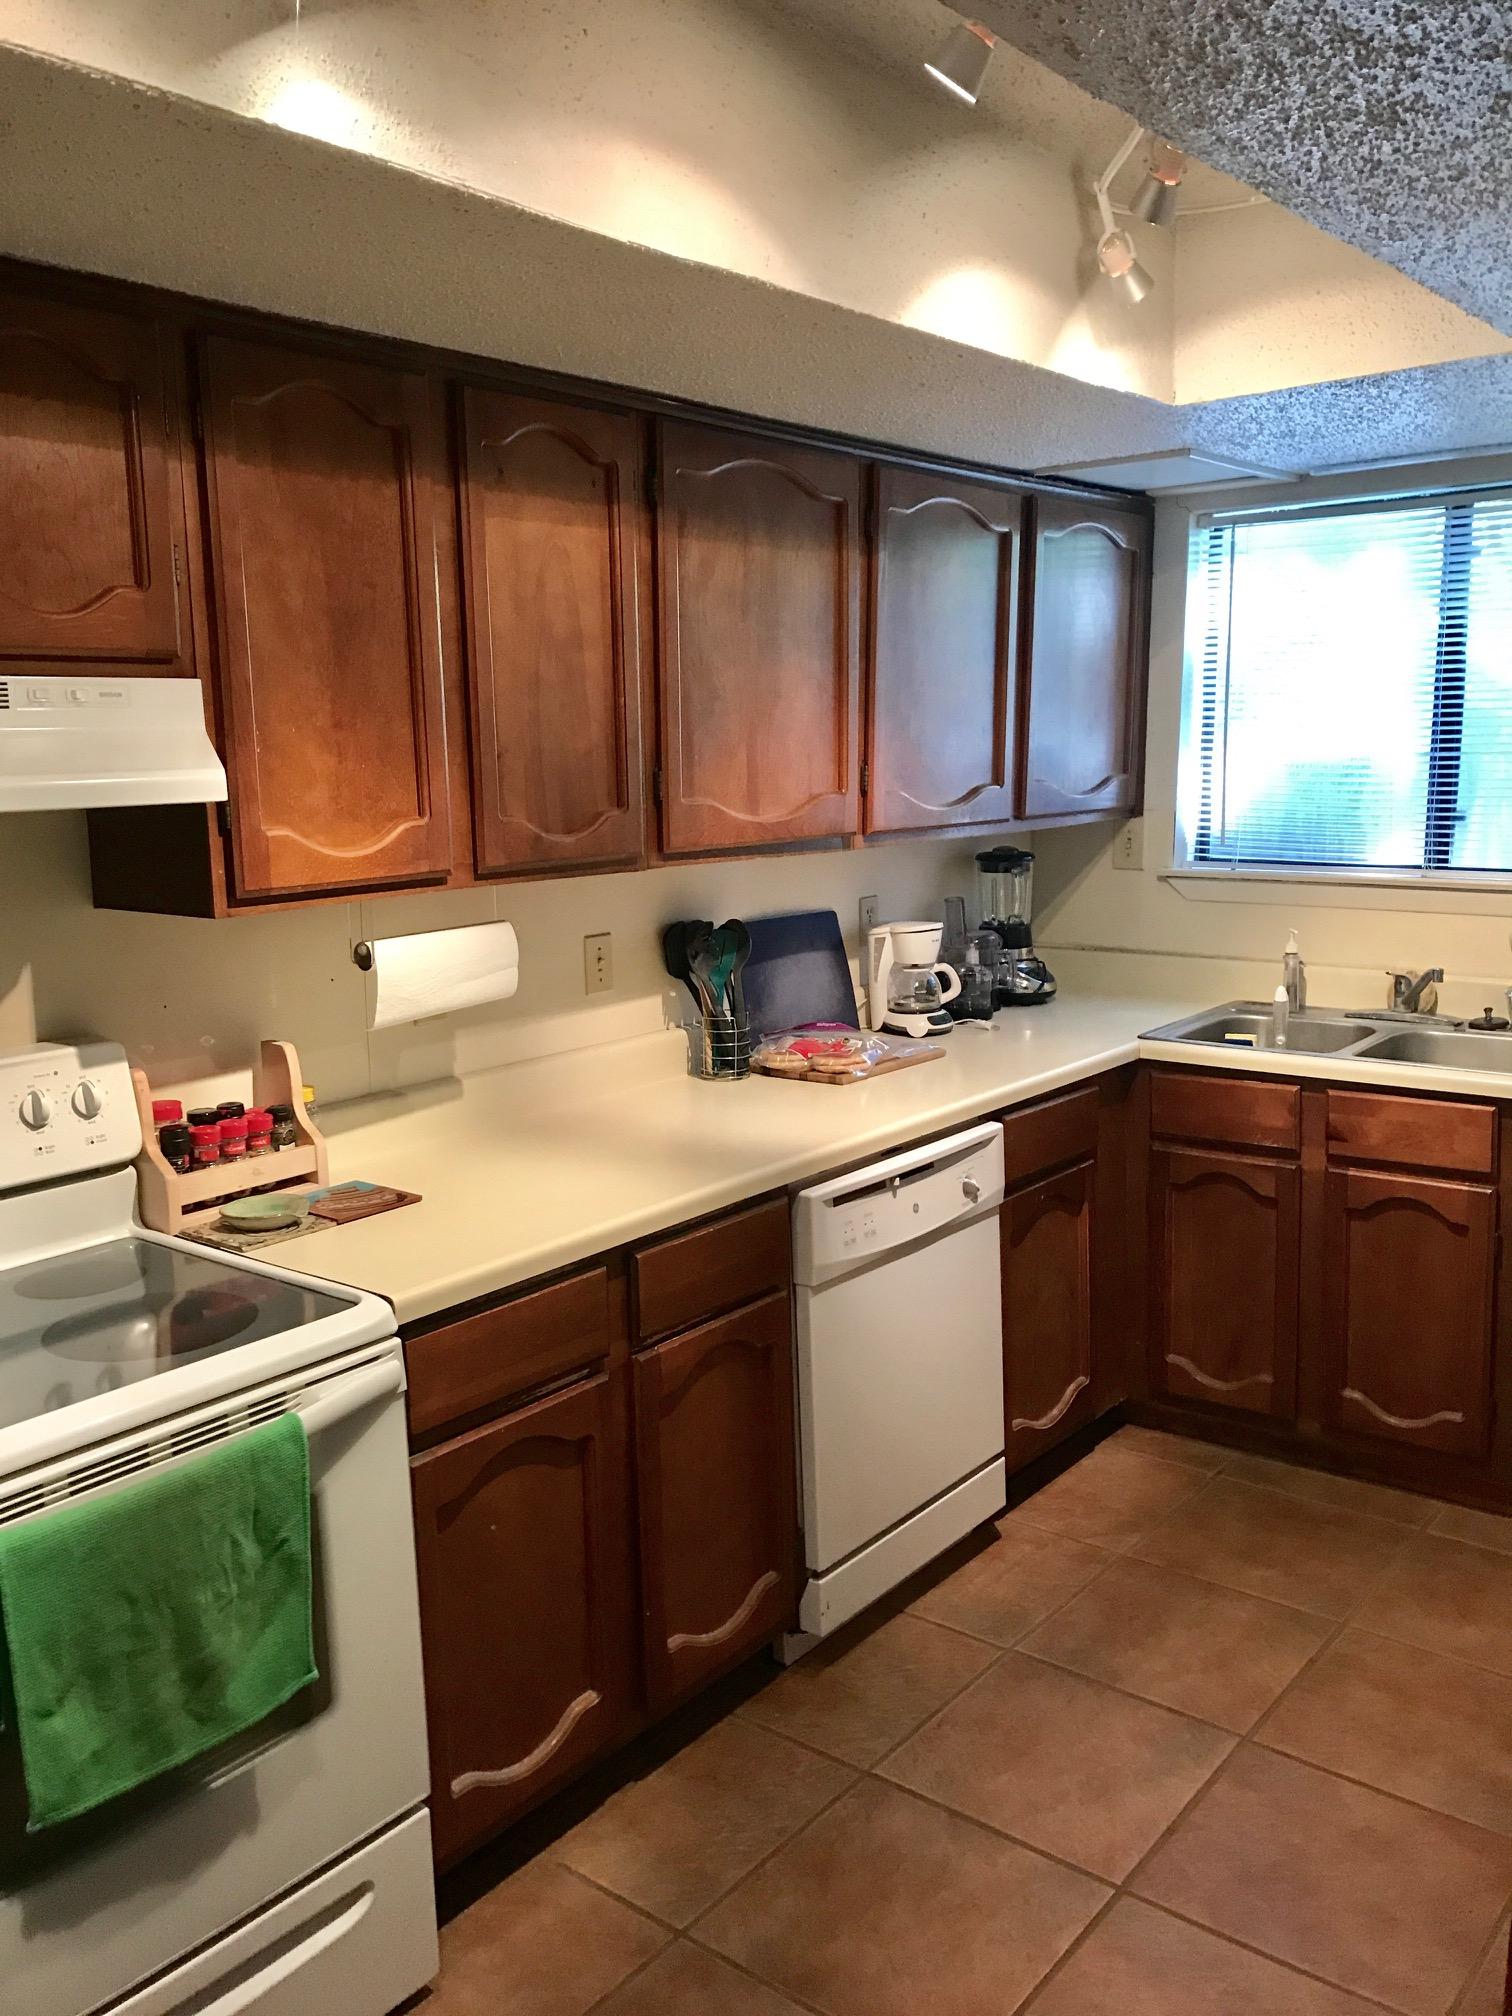 817 Ranch Rd kitchen.jpg